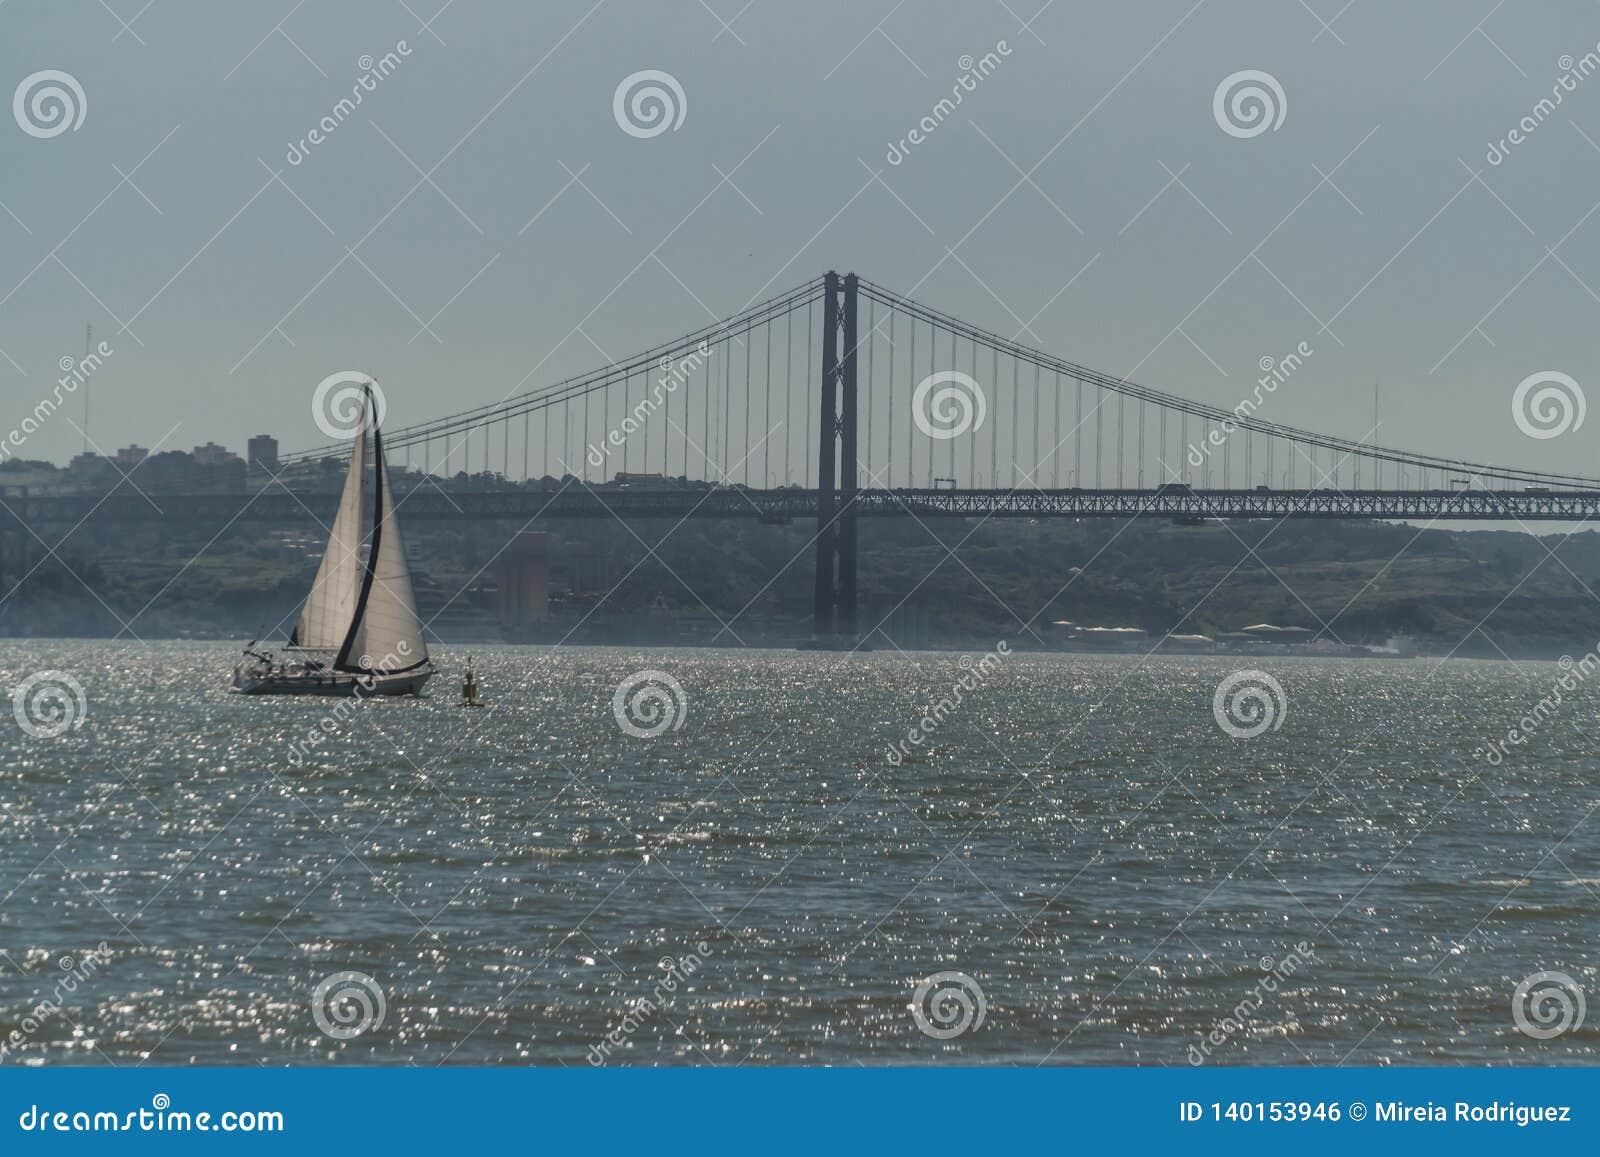 Un velero navega a través de las aguas de Tejo River en las costas de la ciudad de Lisboa